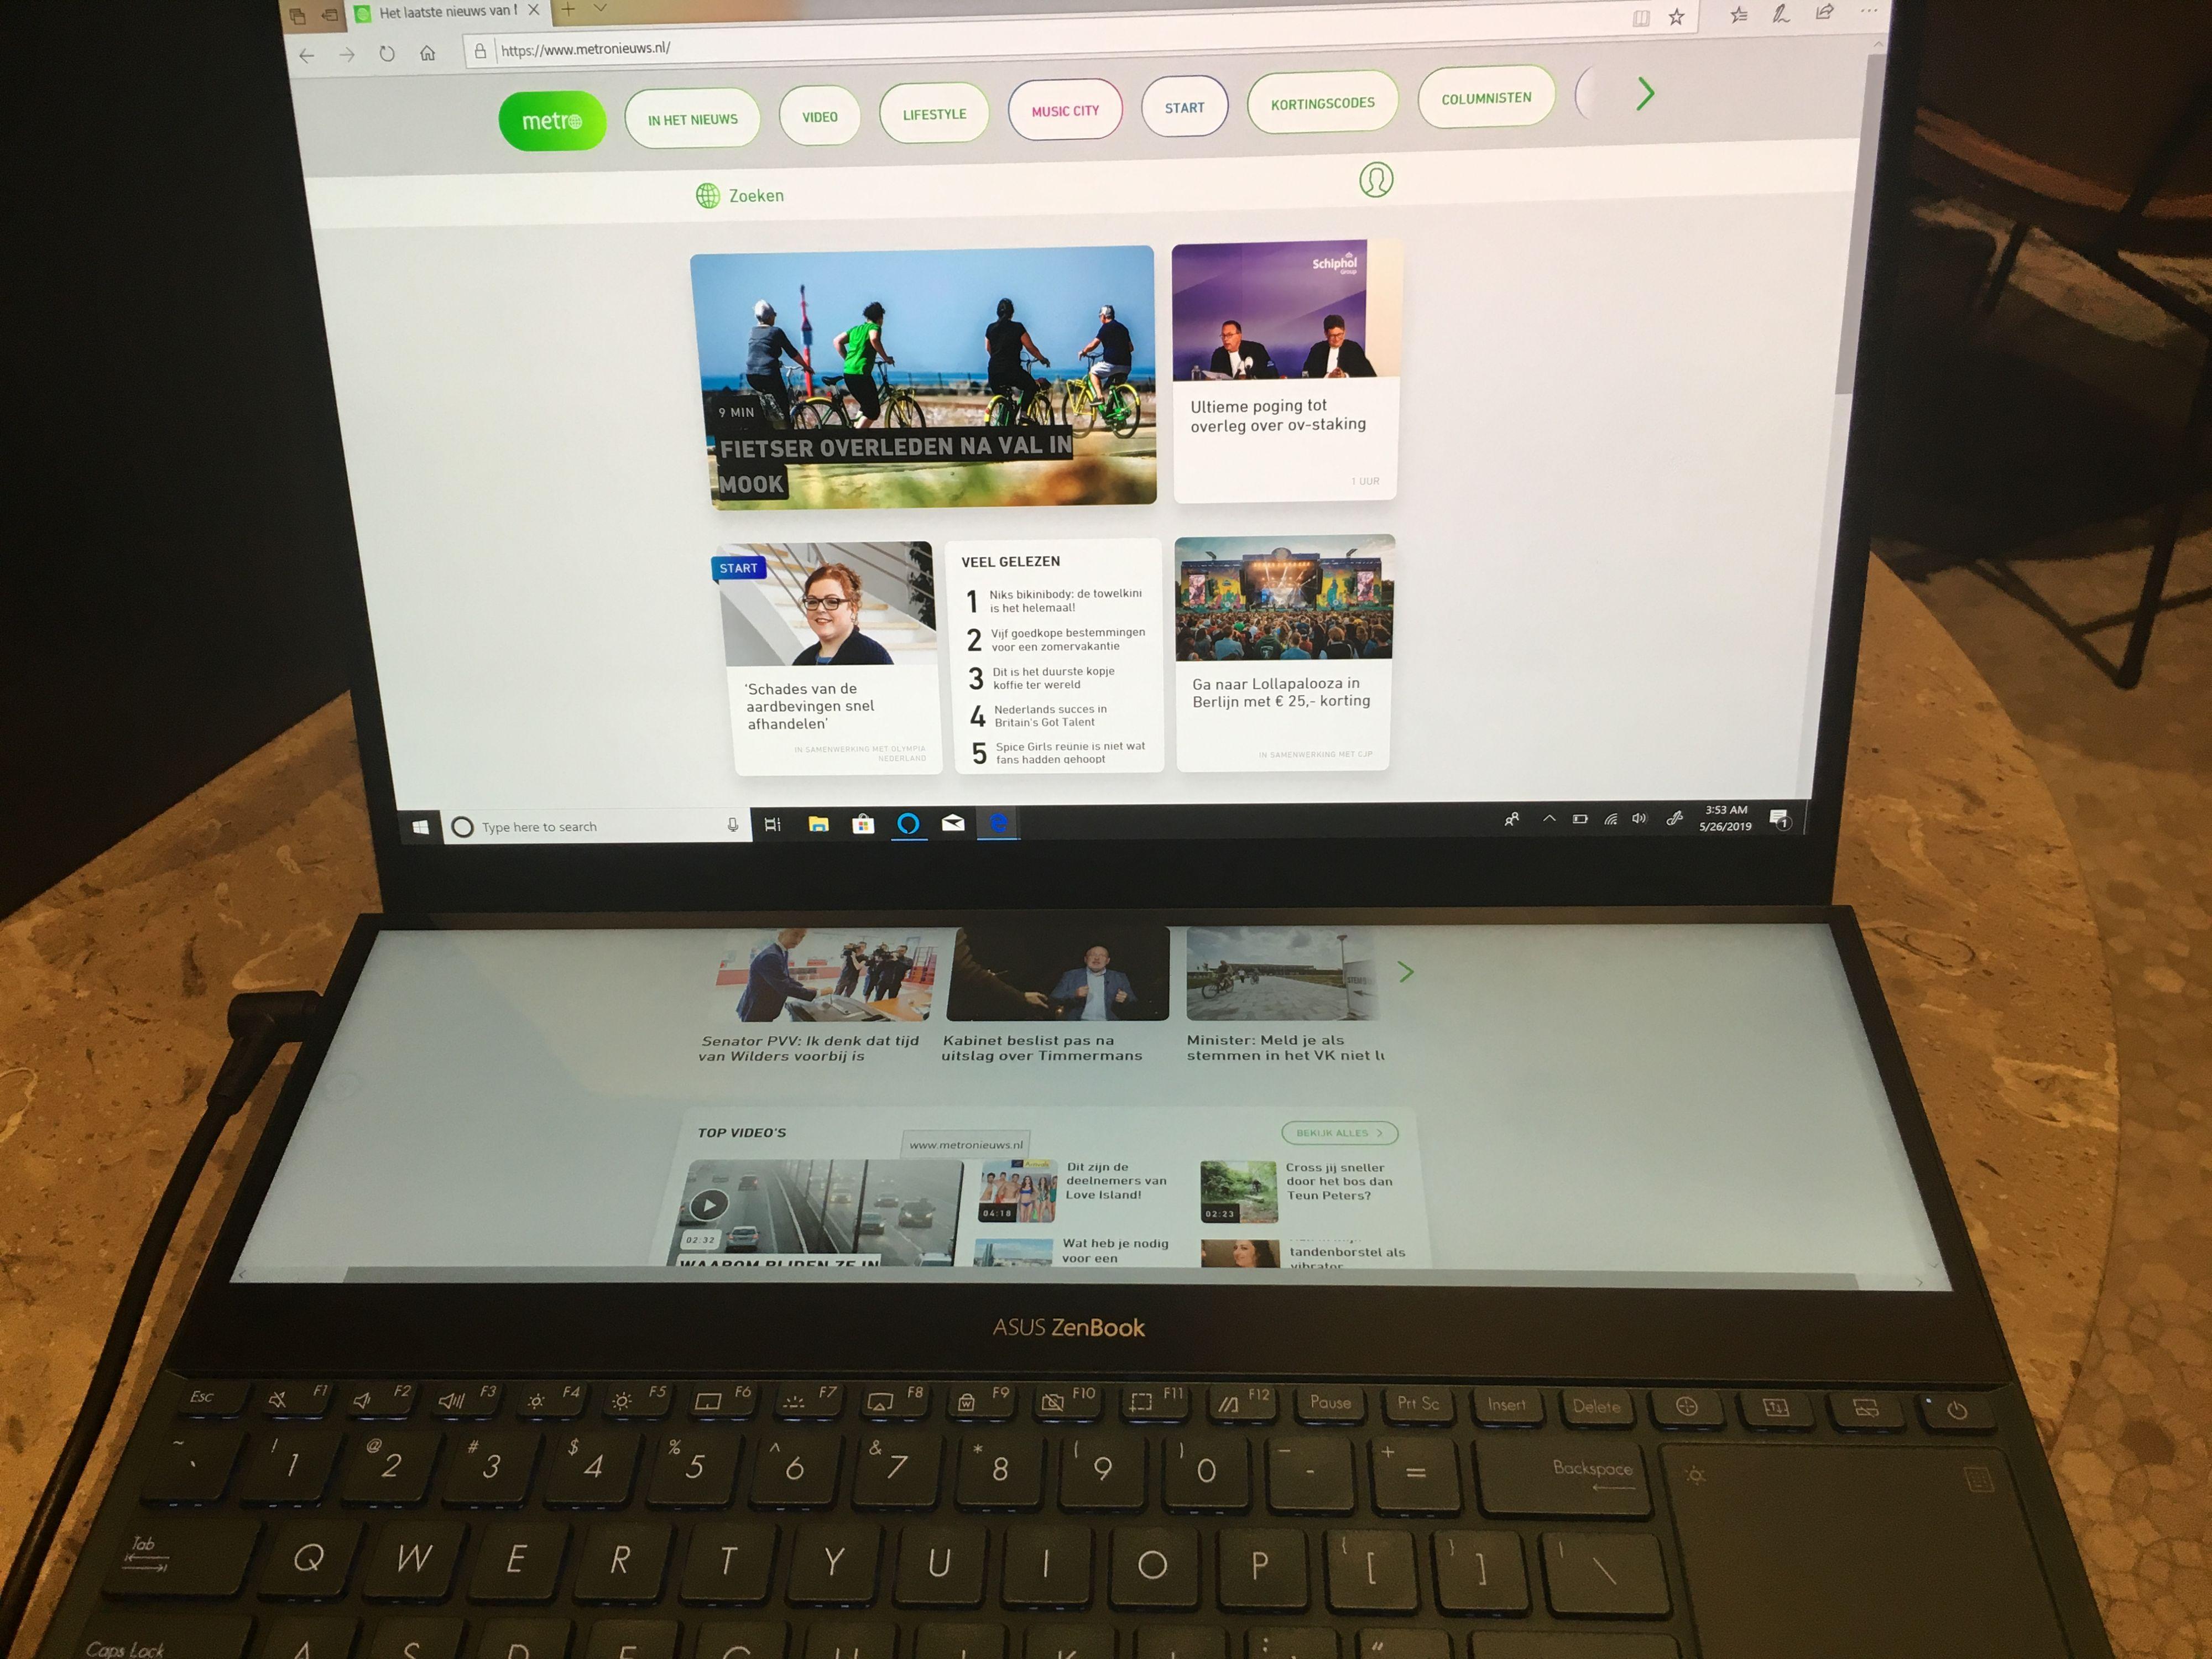 ASUS lanceert laptop mét tweede (grote) scherm